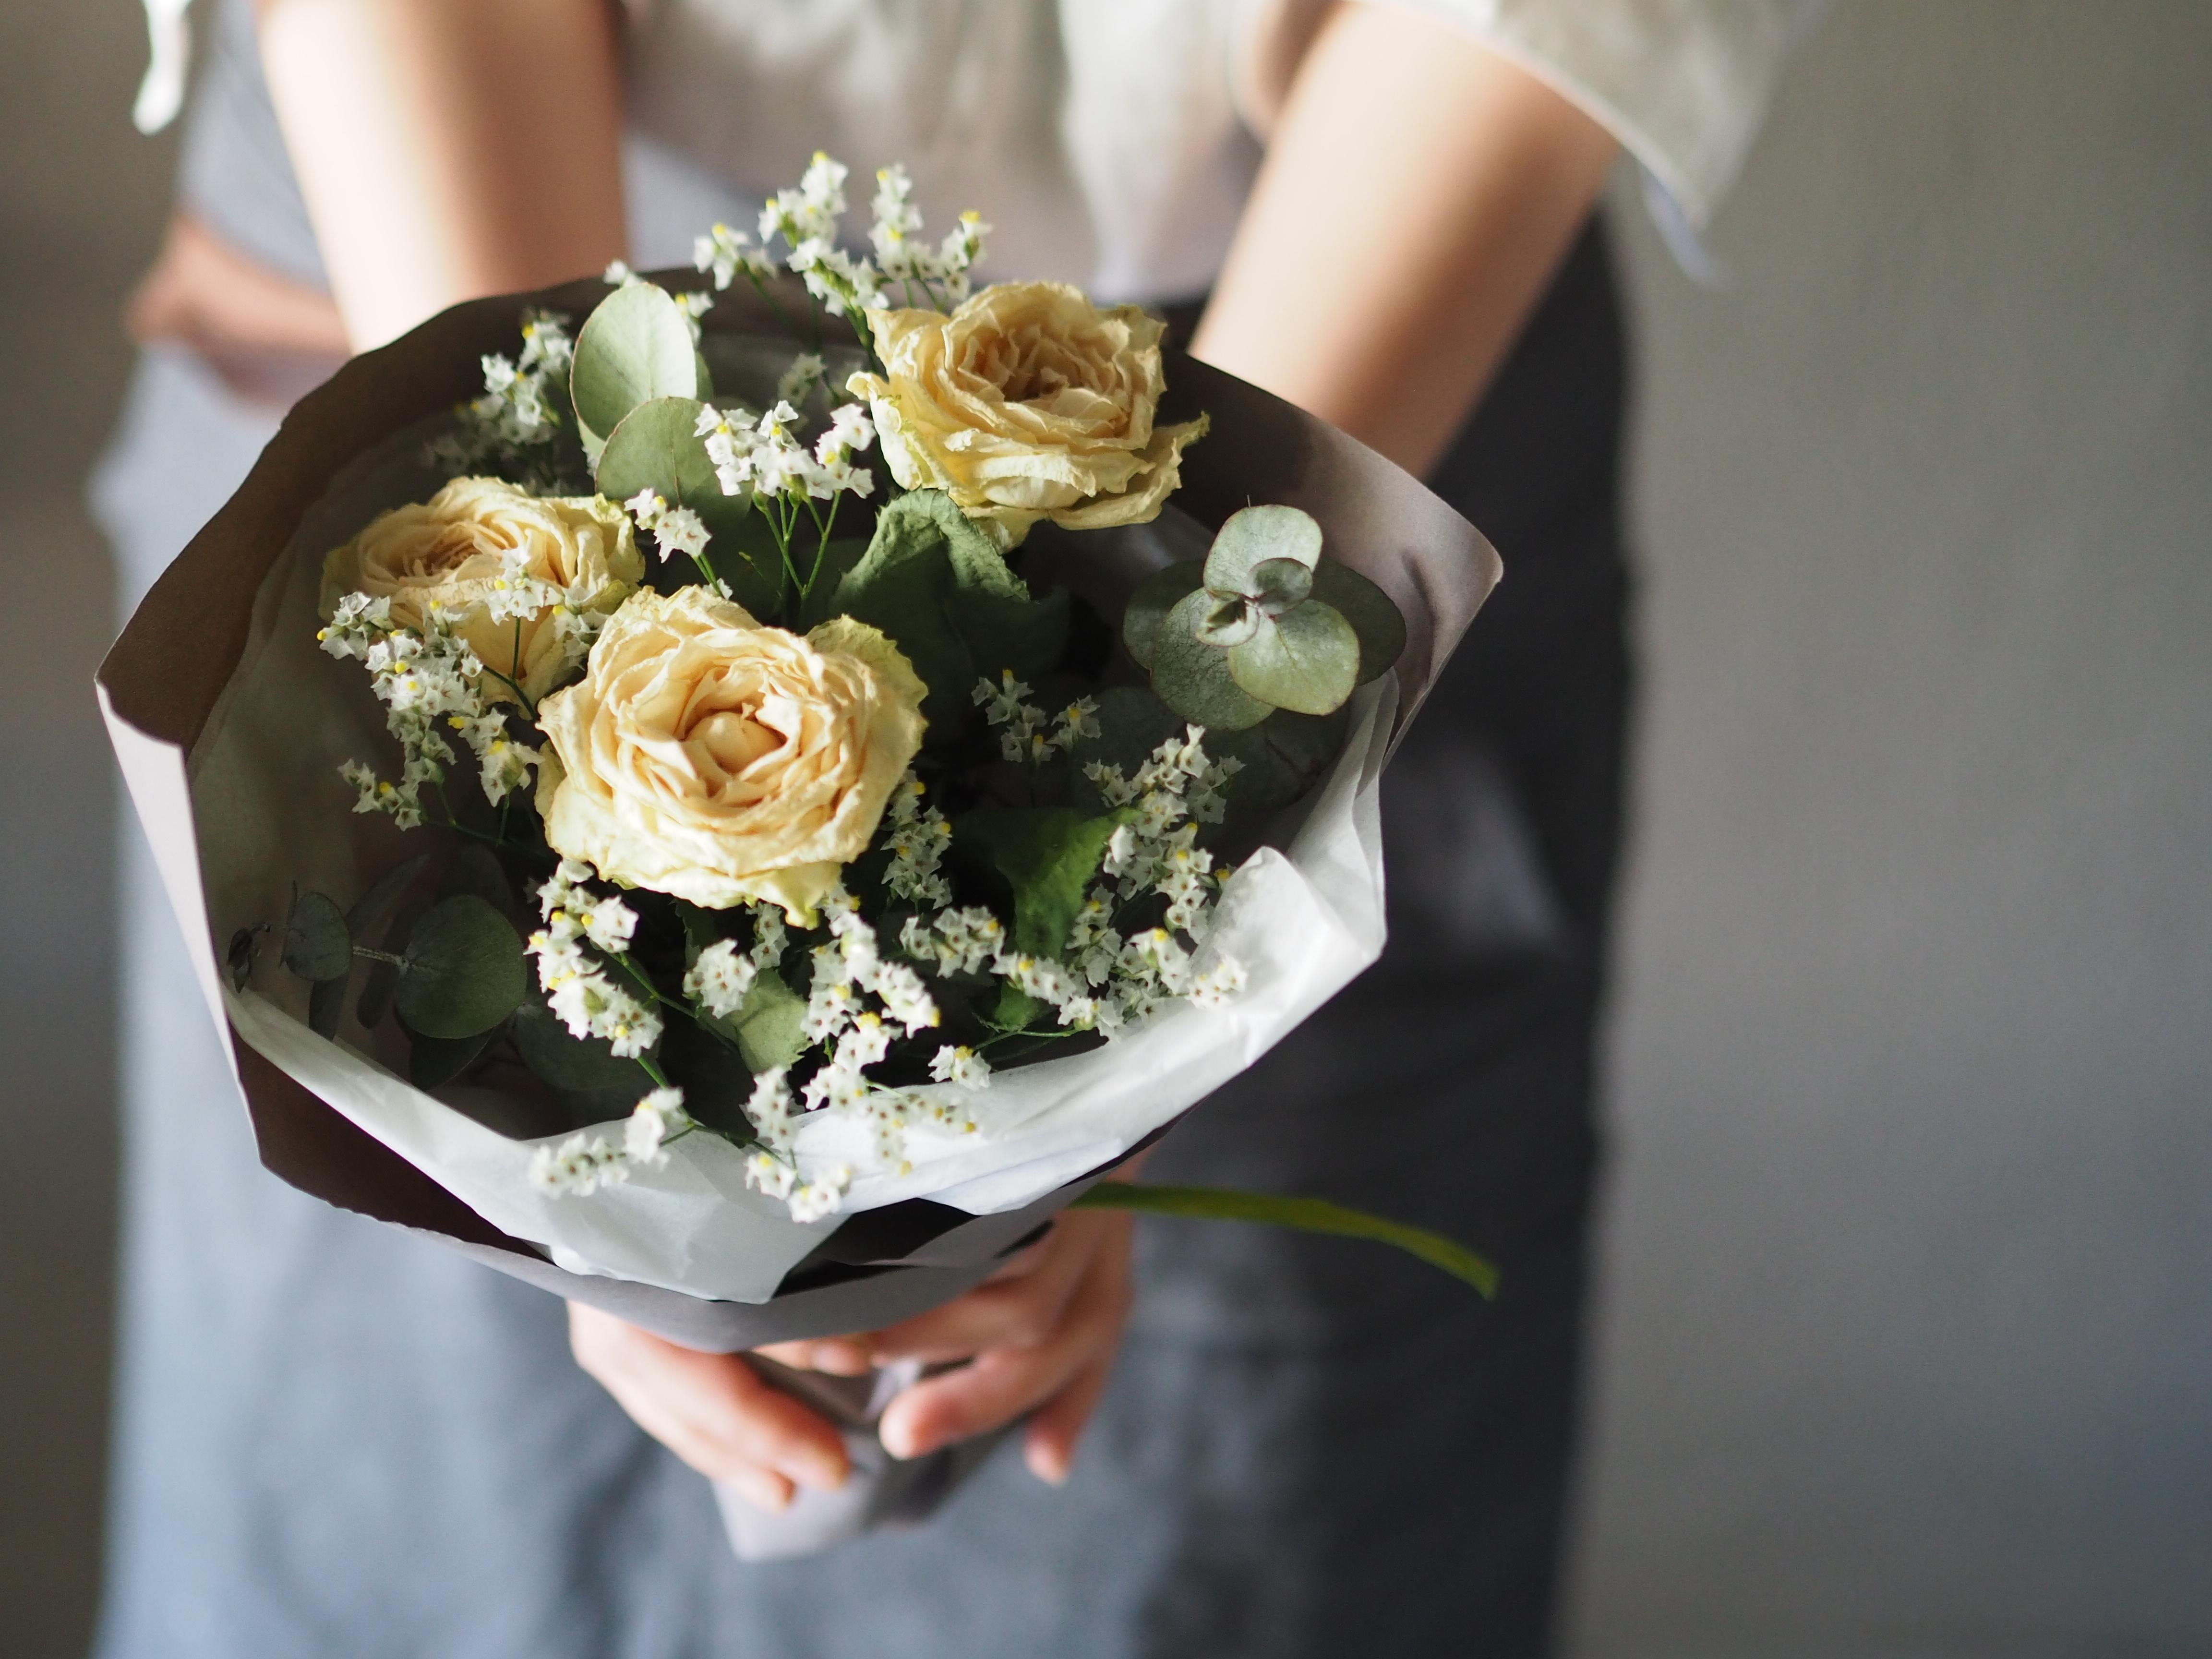 【ドライブーケ】White rose